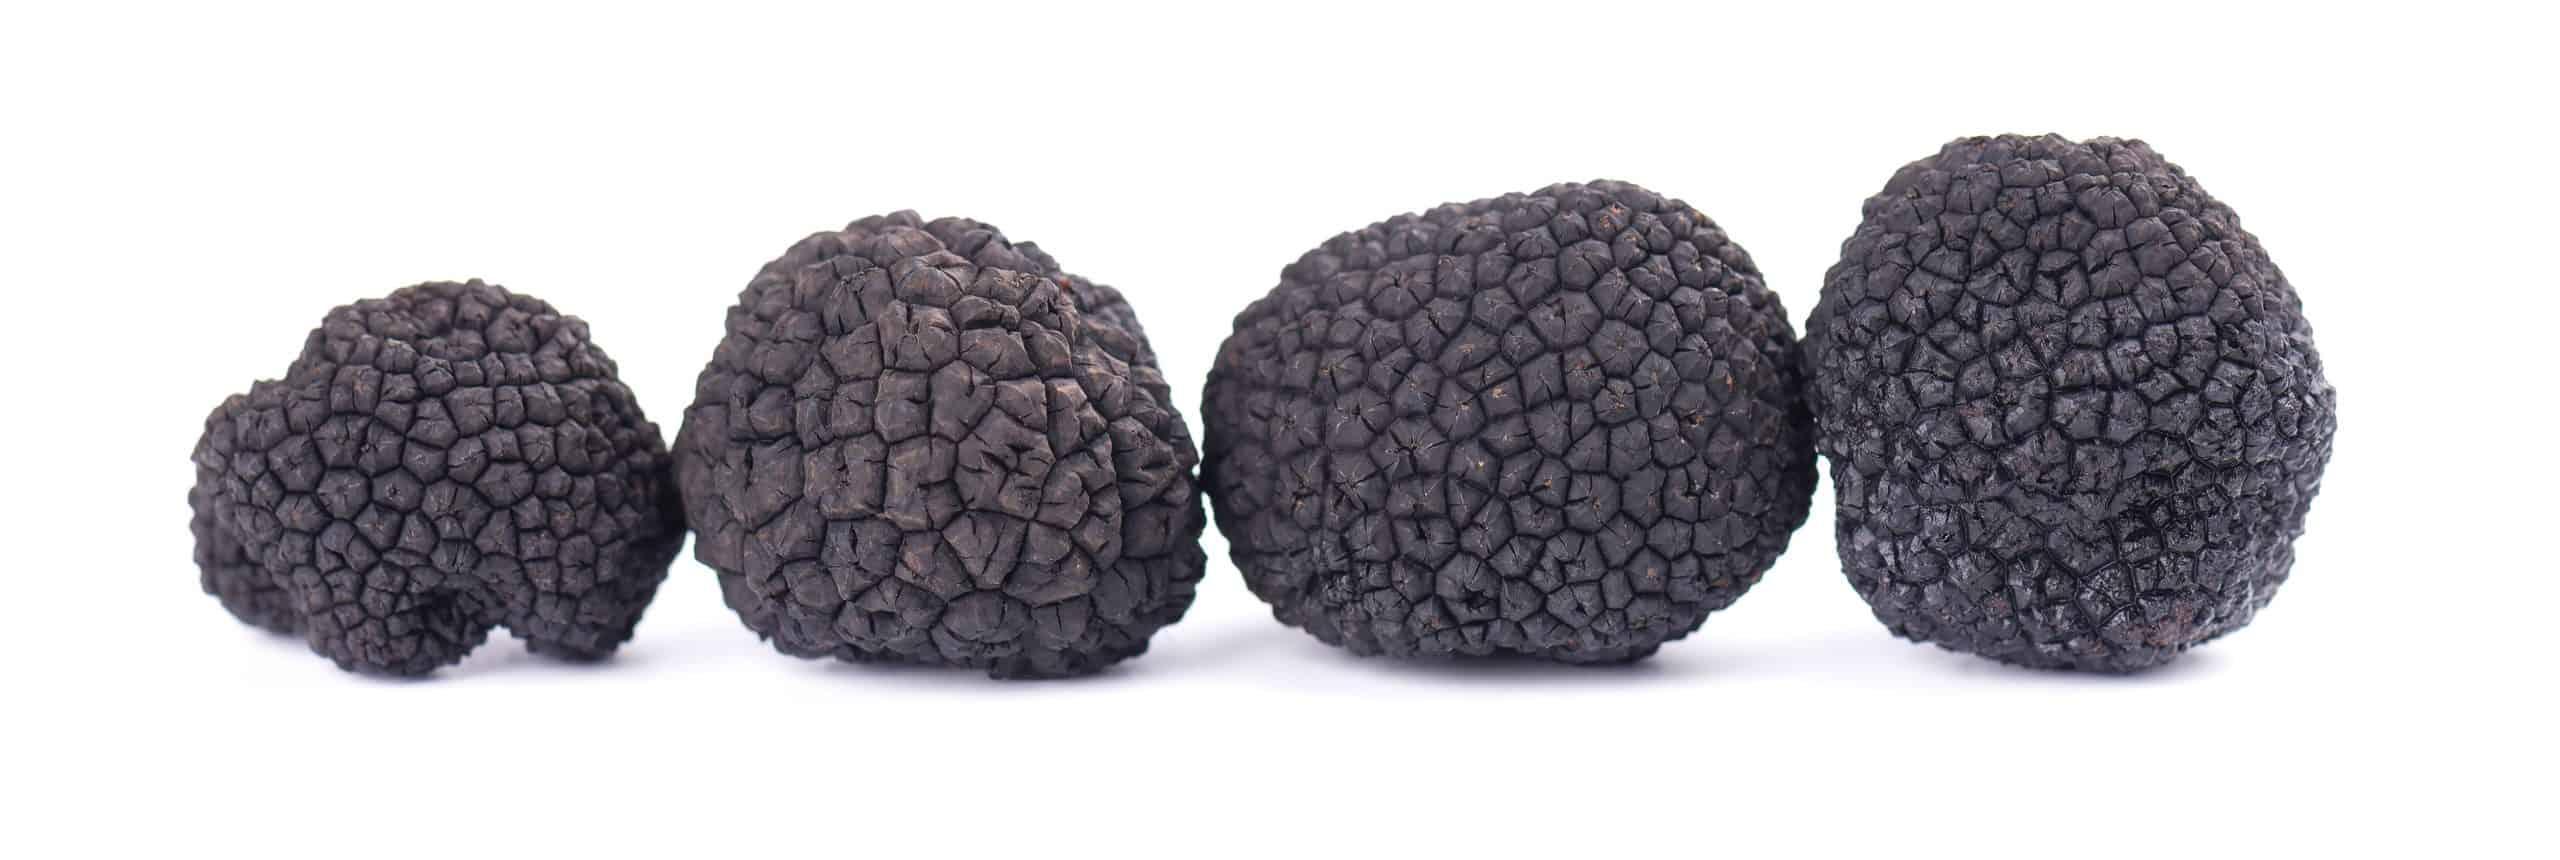 Black Truffles For Truffle Salt